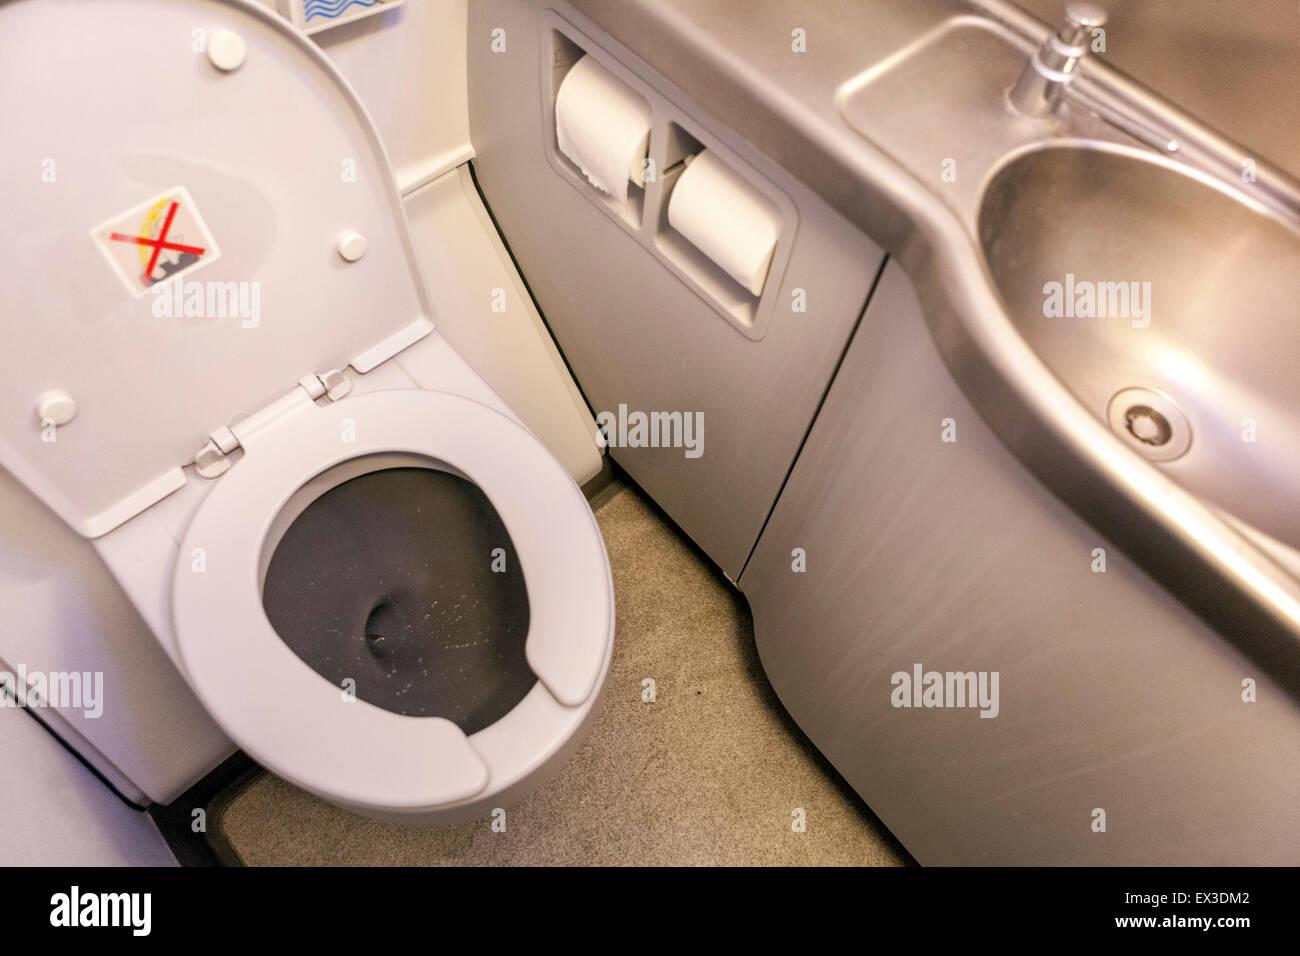 Airbus A320 Flugzeug WC Interieur Stockfoto, Bild: 84899138 - Alamy